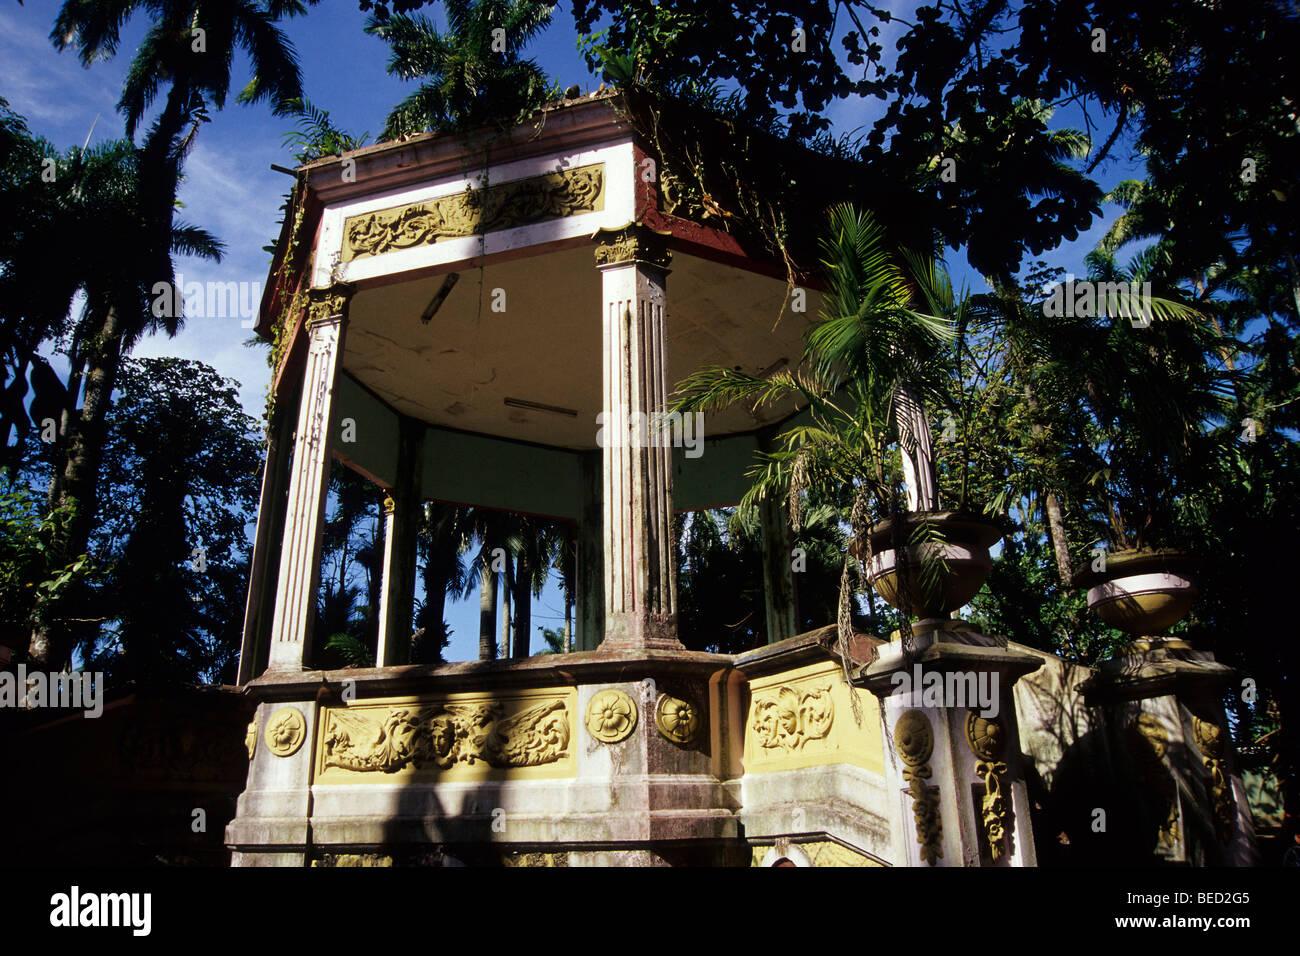 Scène en plein air dans un parc, typique kiosko dans le Balvanero Parque Vargas Molina, Puerto Limon, Caraïbes, Photo Stock